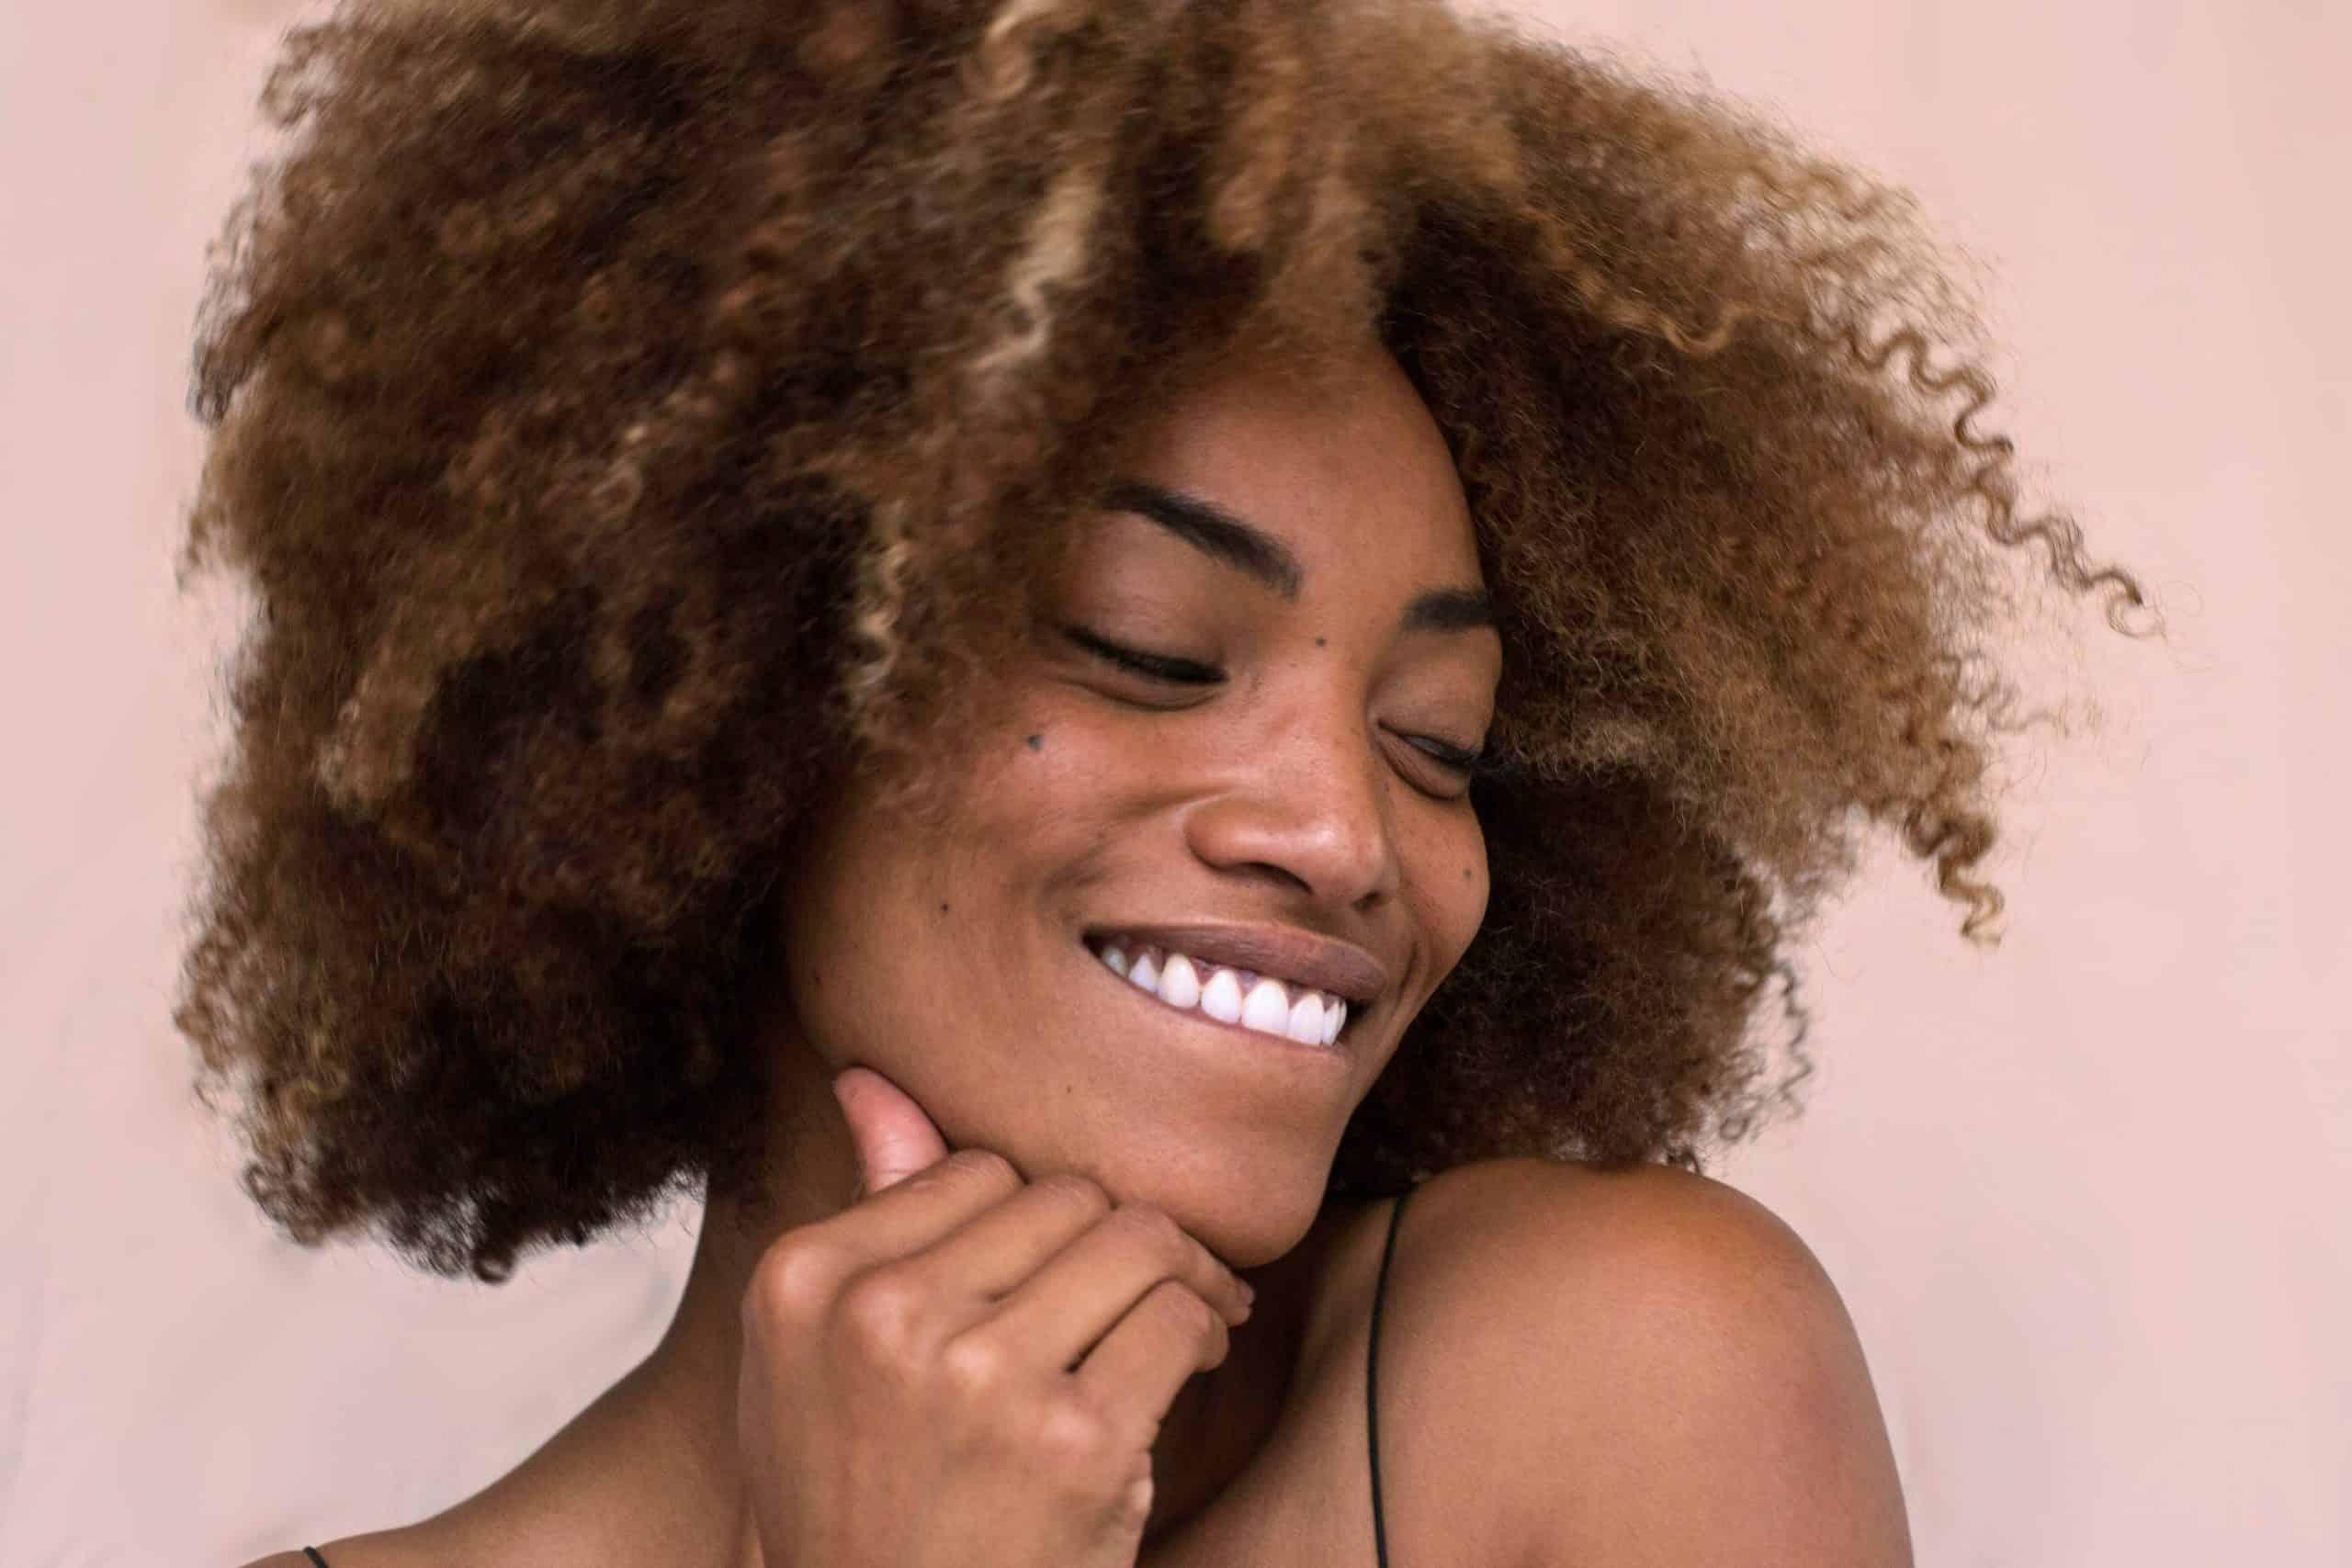 Como afetou a beleza natural dos afrodescendentes com a ditadura do cabelo liso?